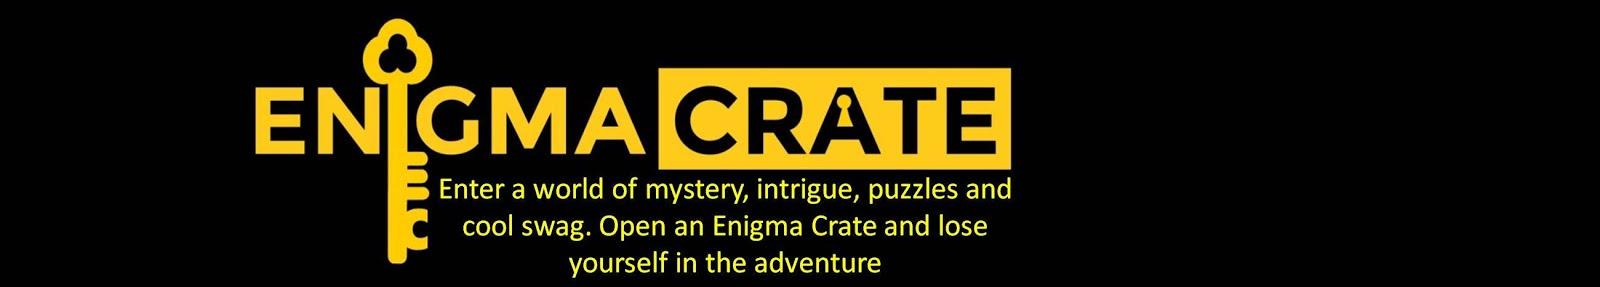 Enigma Crate